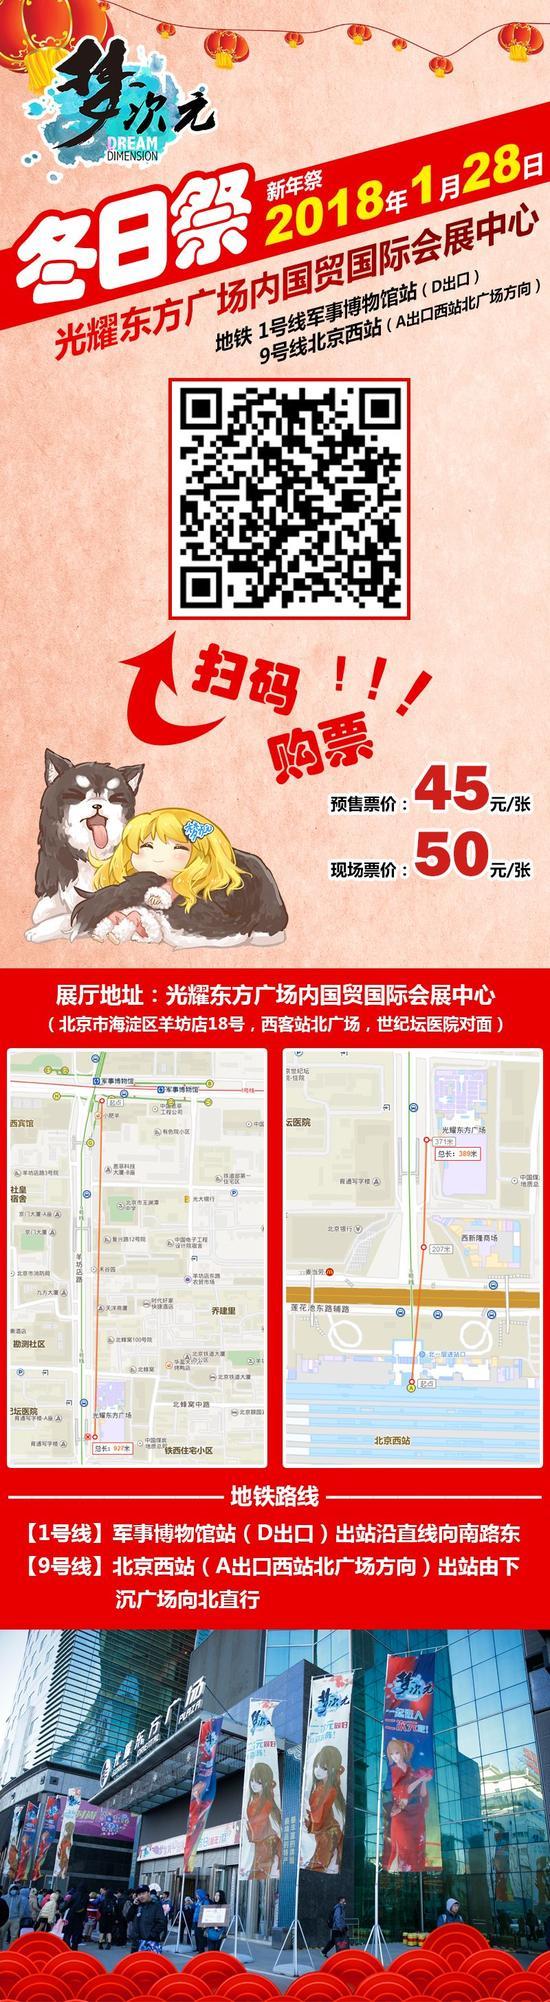 2018年梦次元冬日祭动漫展M17,1月28日北京新春献礼!-ANICOGA